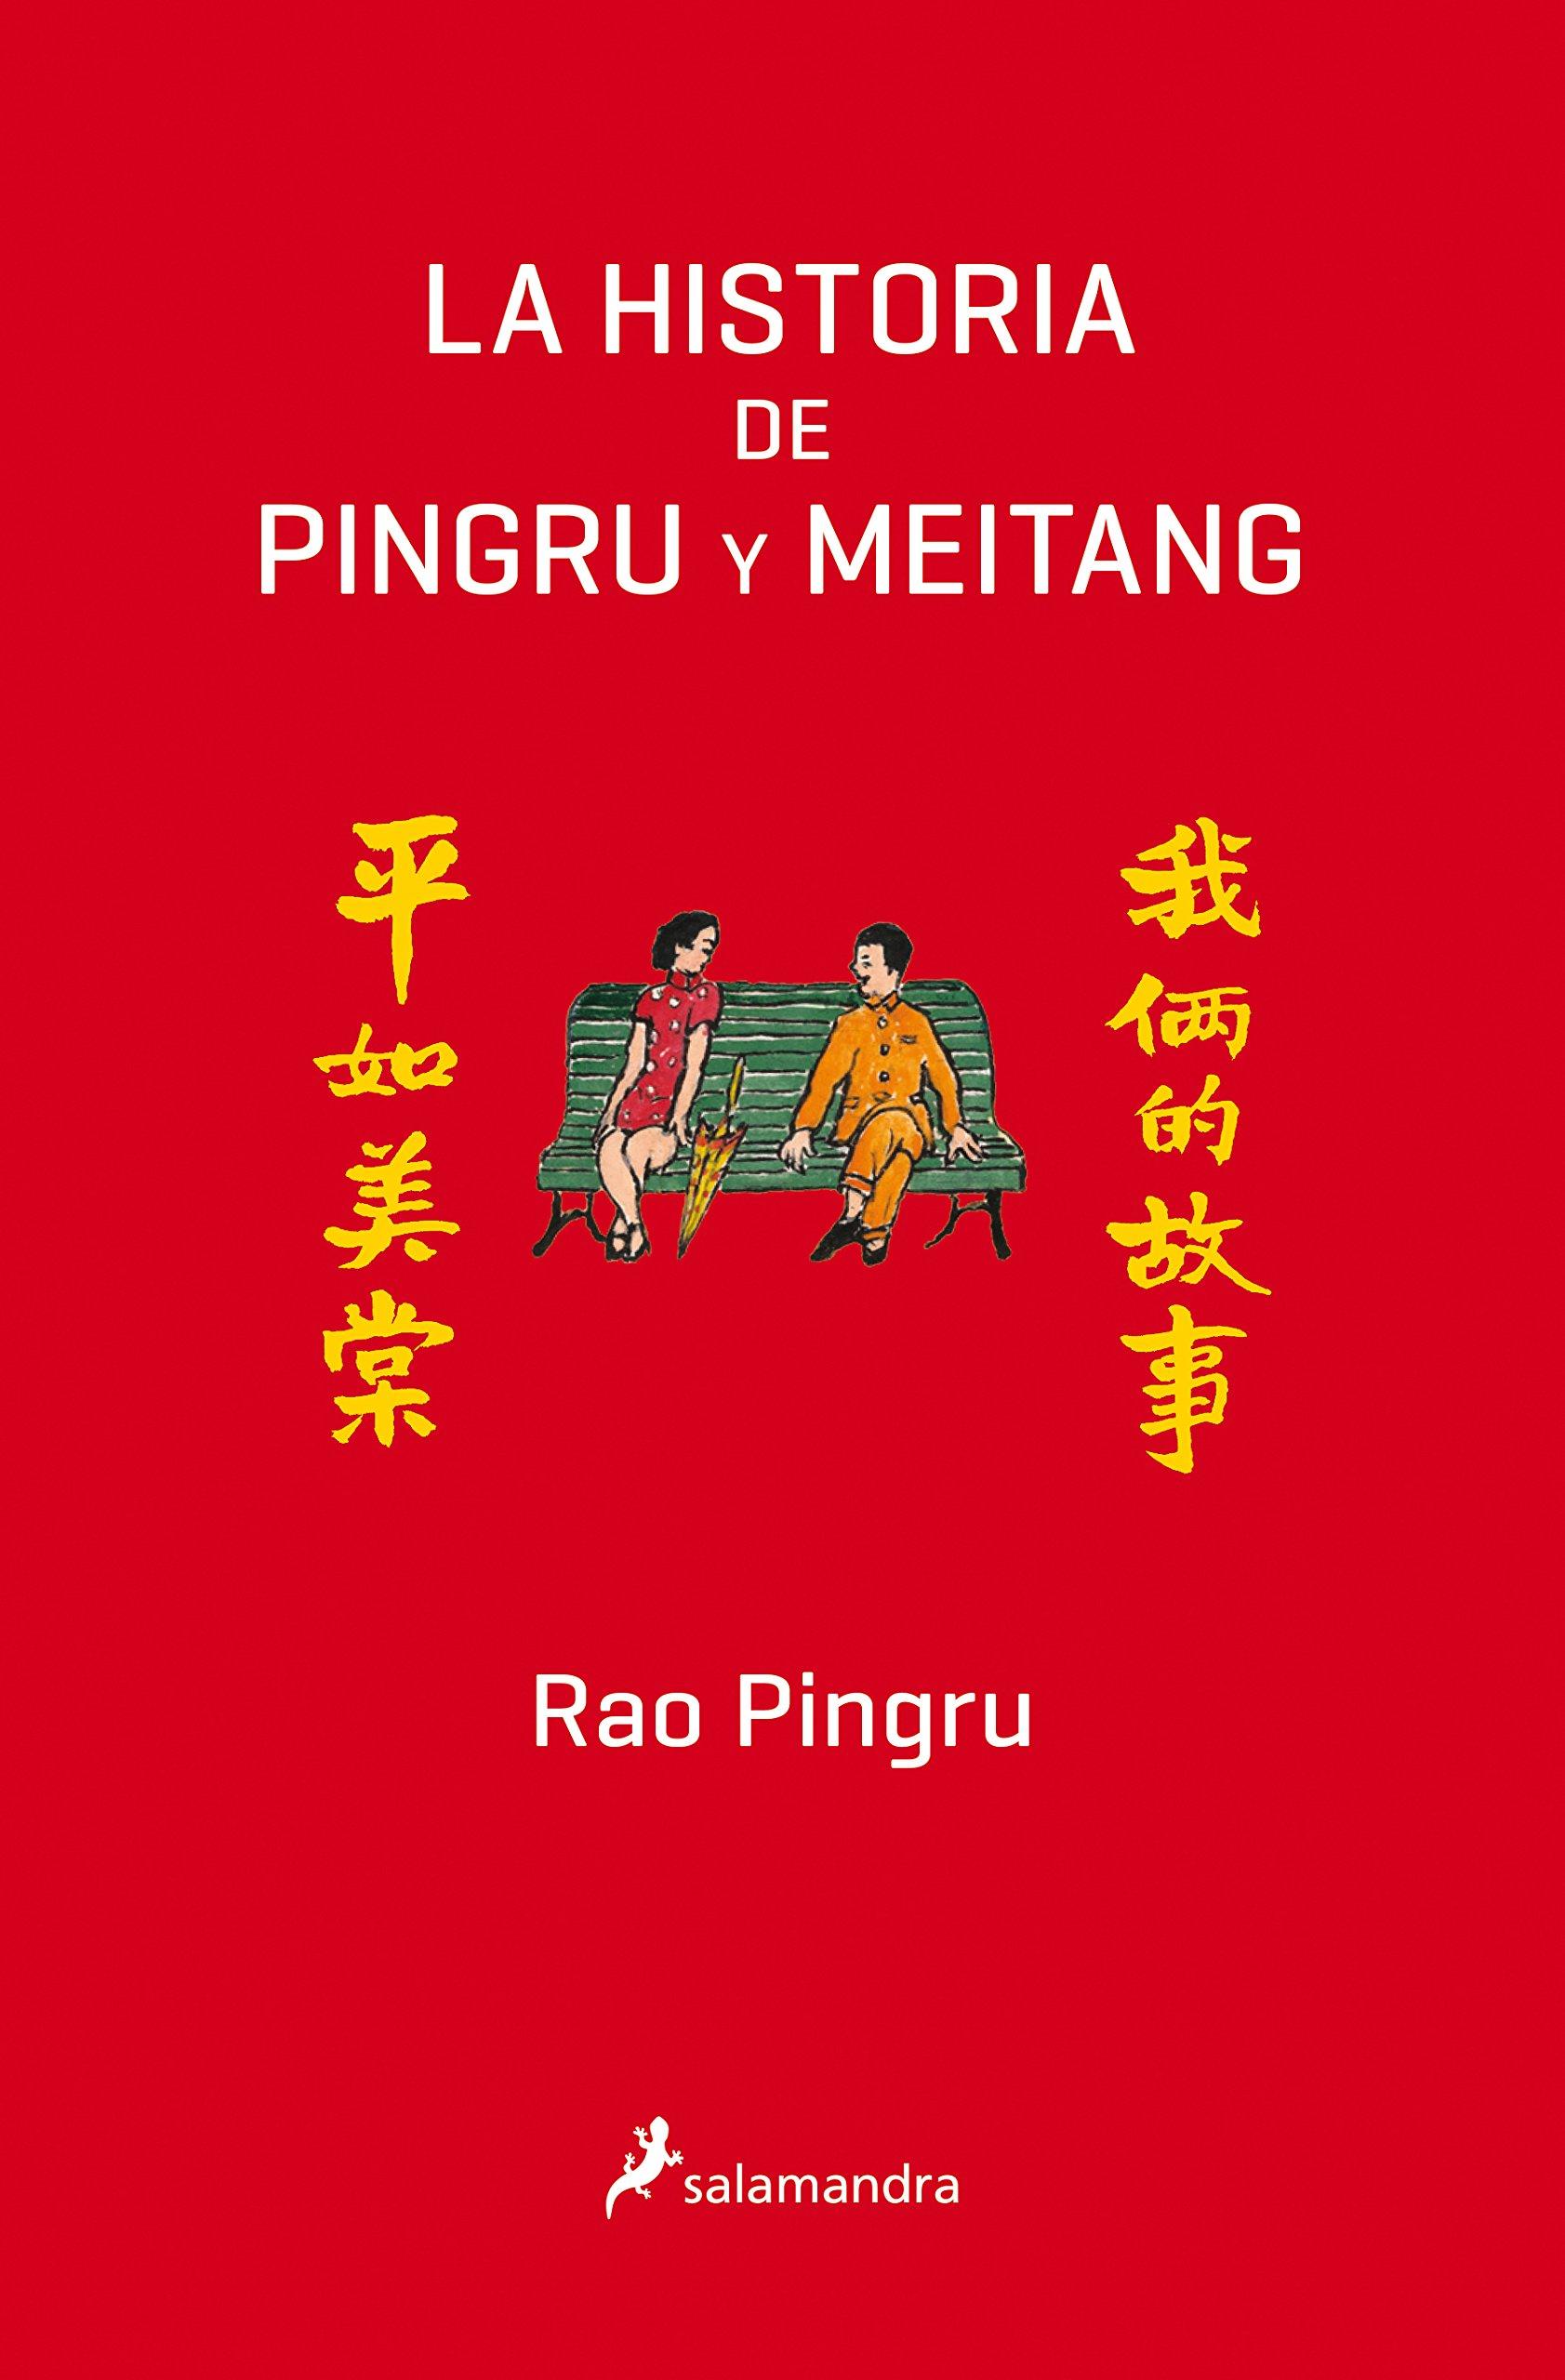 Portada libro - La historia de Pingru y Meitang